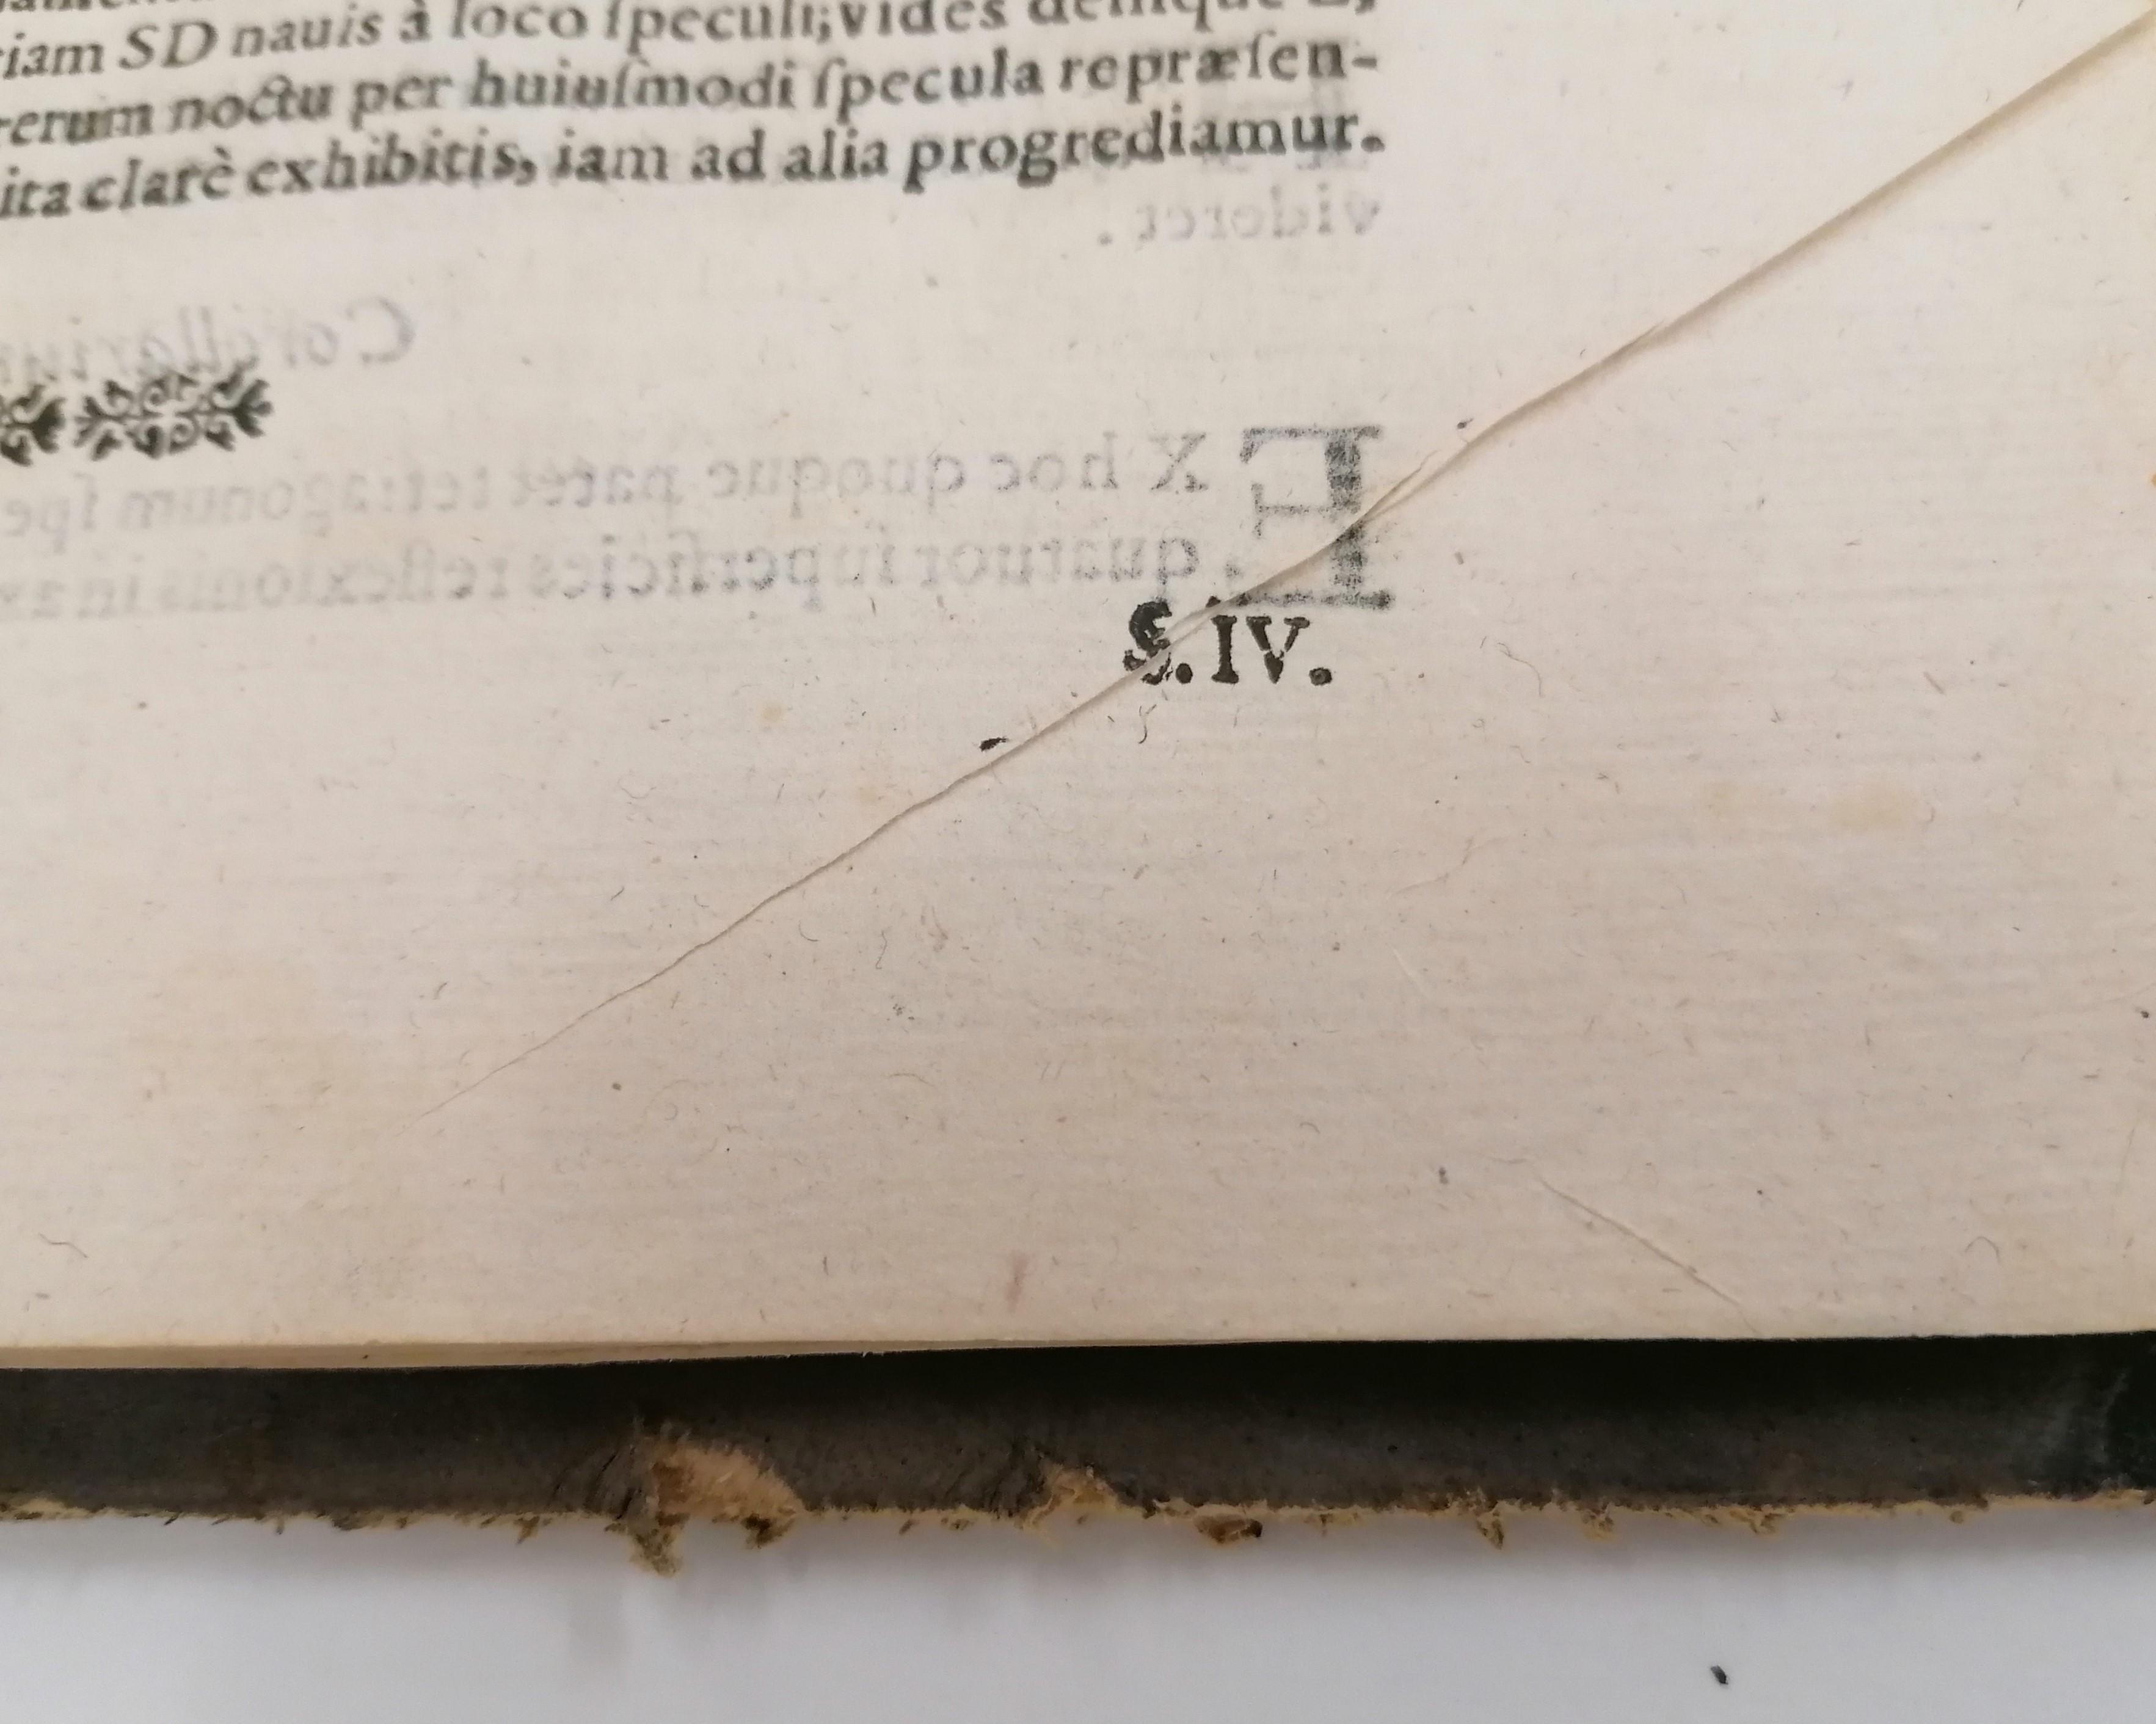 5. Pliegue del papel con zonas sin impresión.